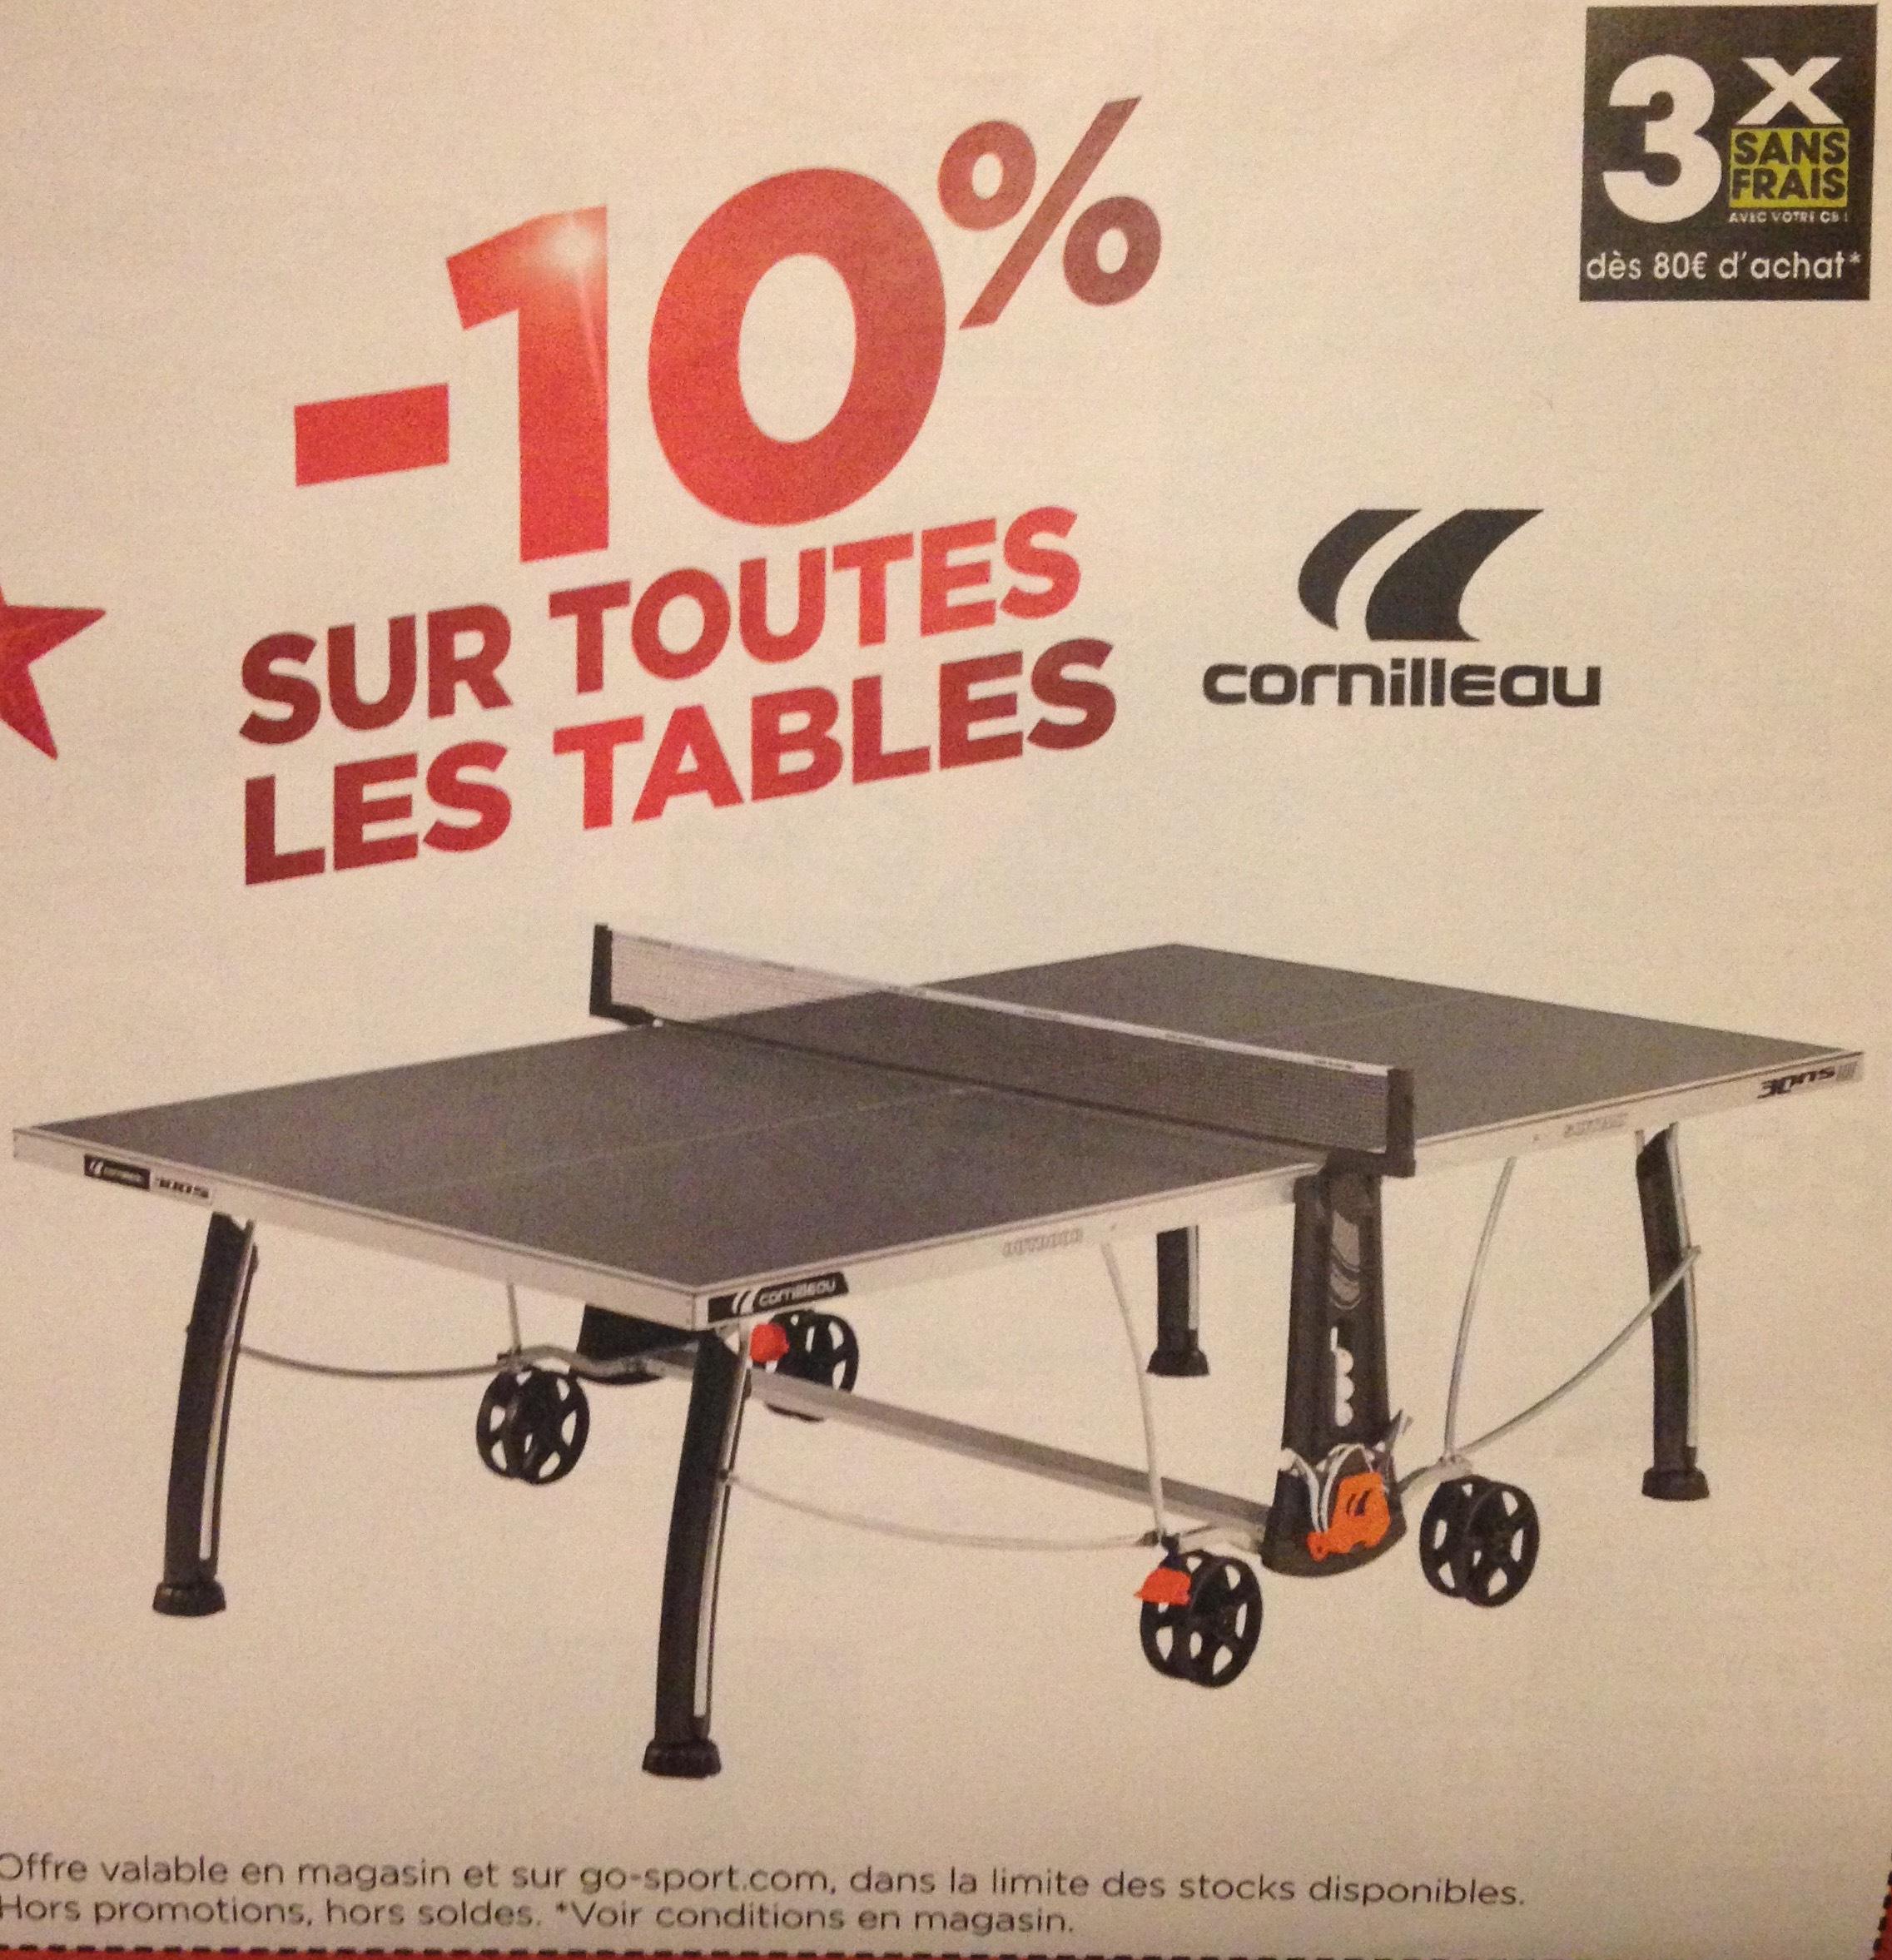 10% de réduction sur les tables de Ping-Pong Cornilleau